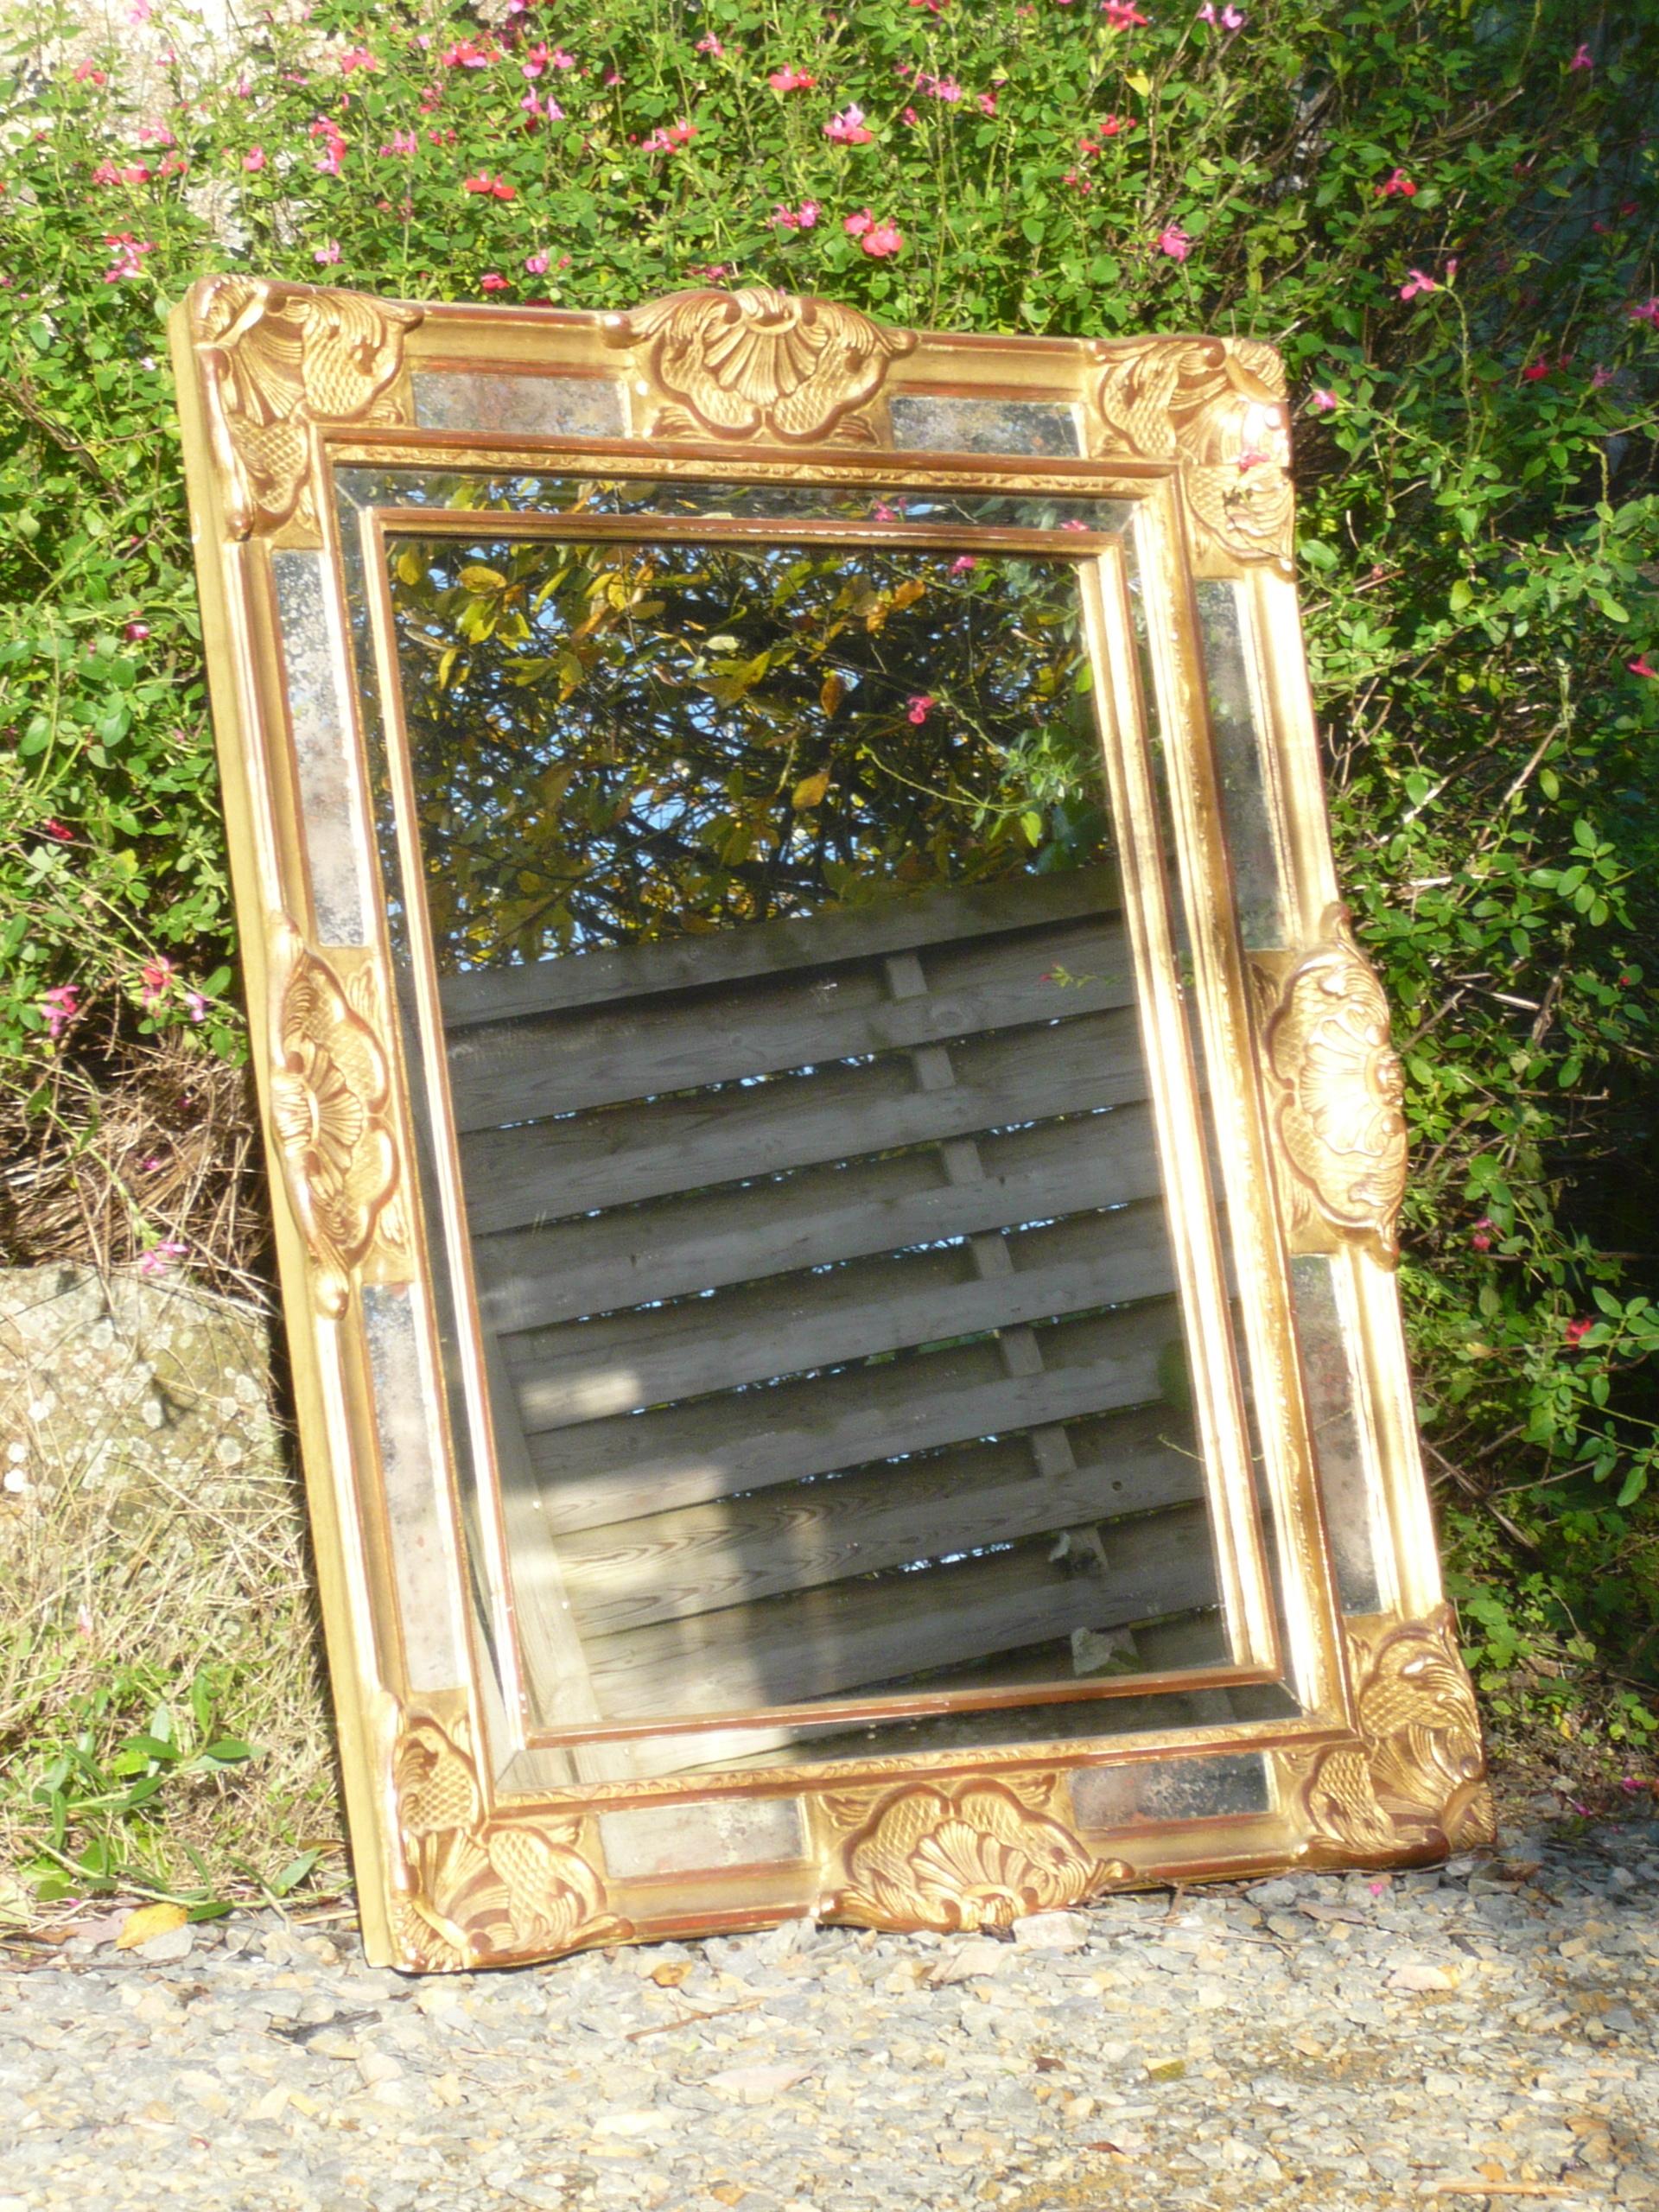 Miroir deco vintage maison artur stiles maison artur for Miroir maison